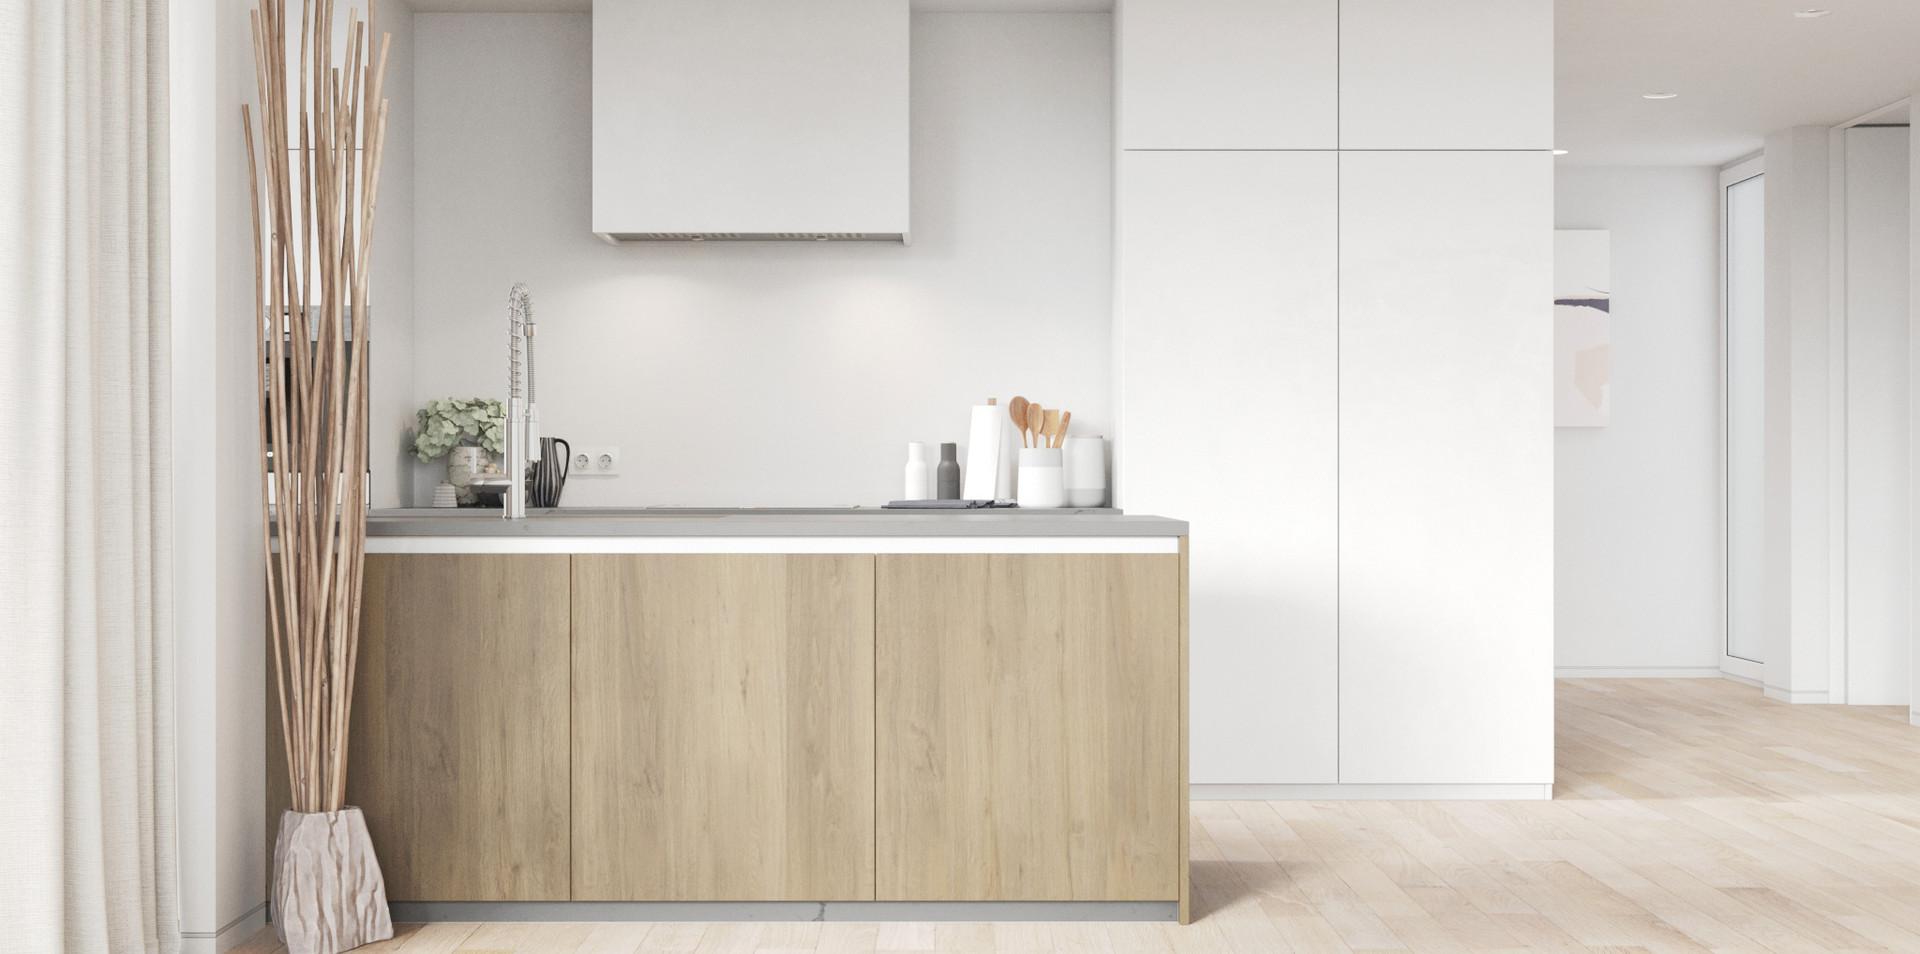 big_110_Villamoura_kitchen_01.jpg